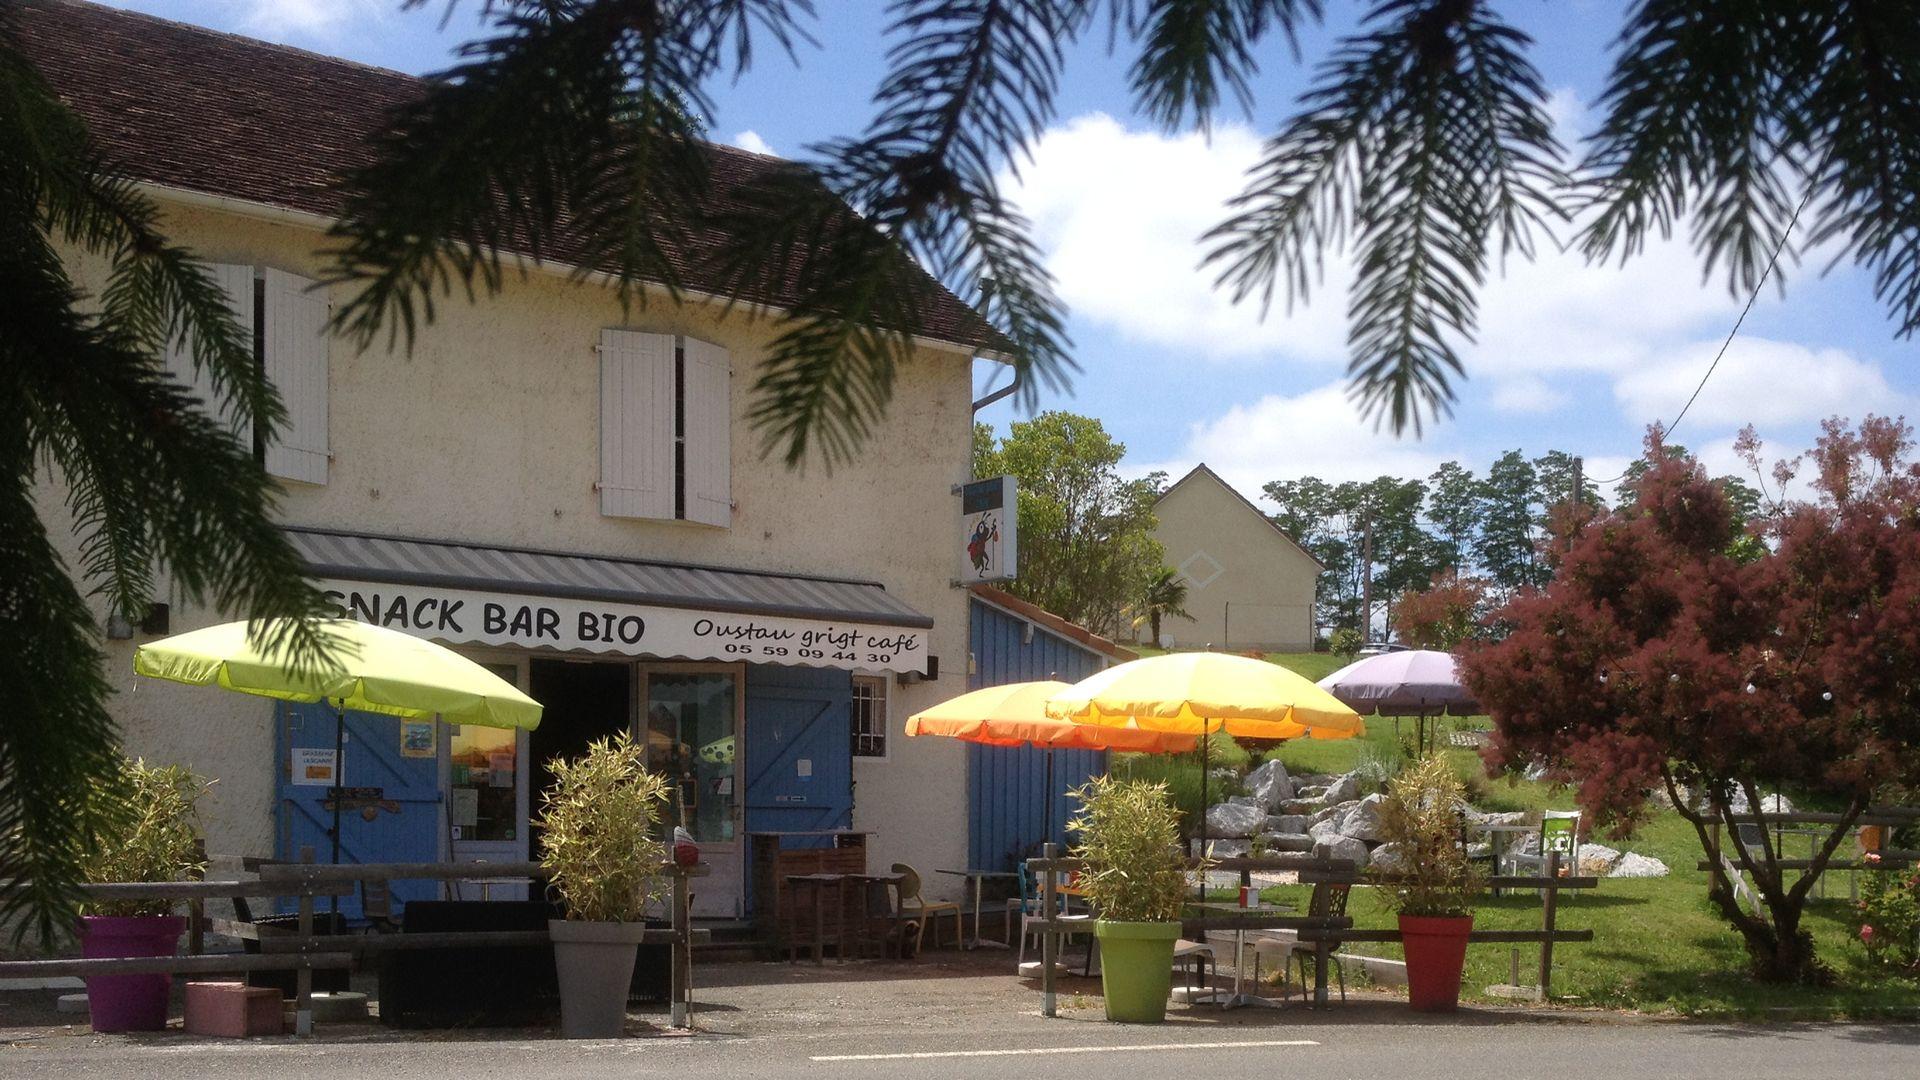 bar-terrasse-oustau-grigt-cafe-sauvelade